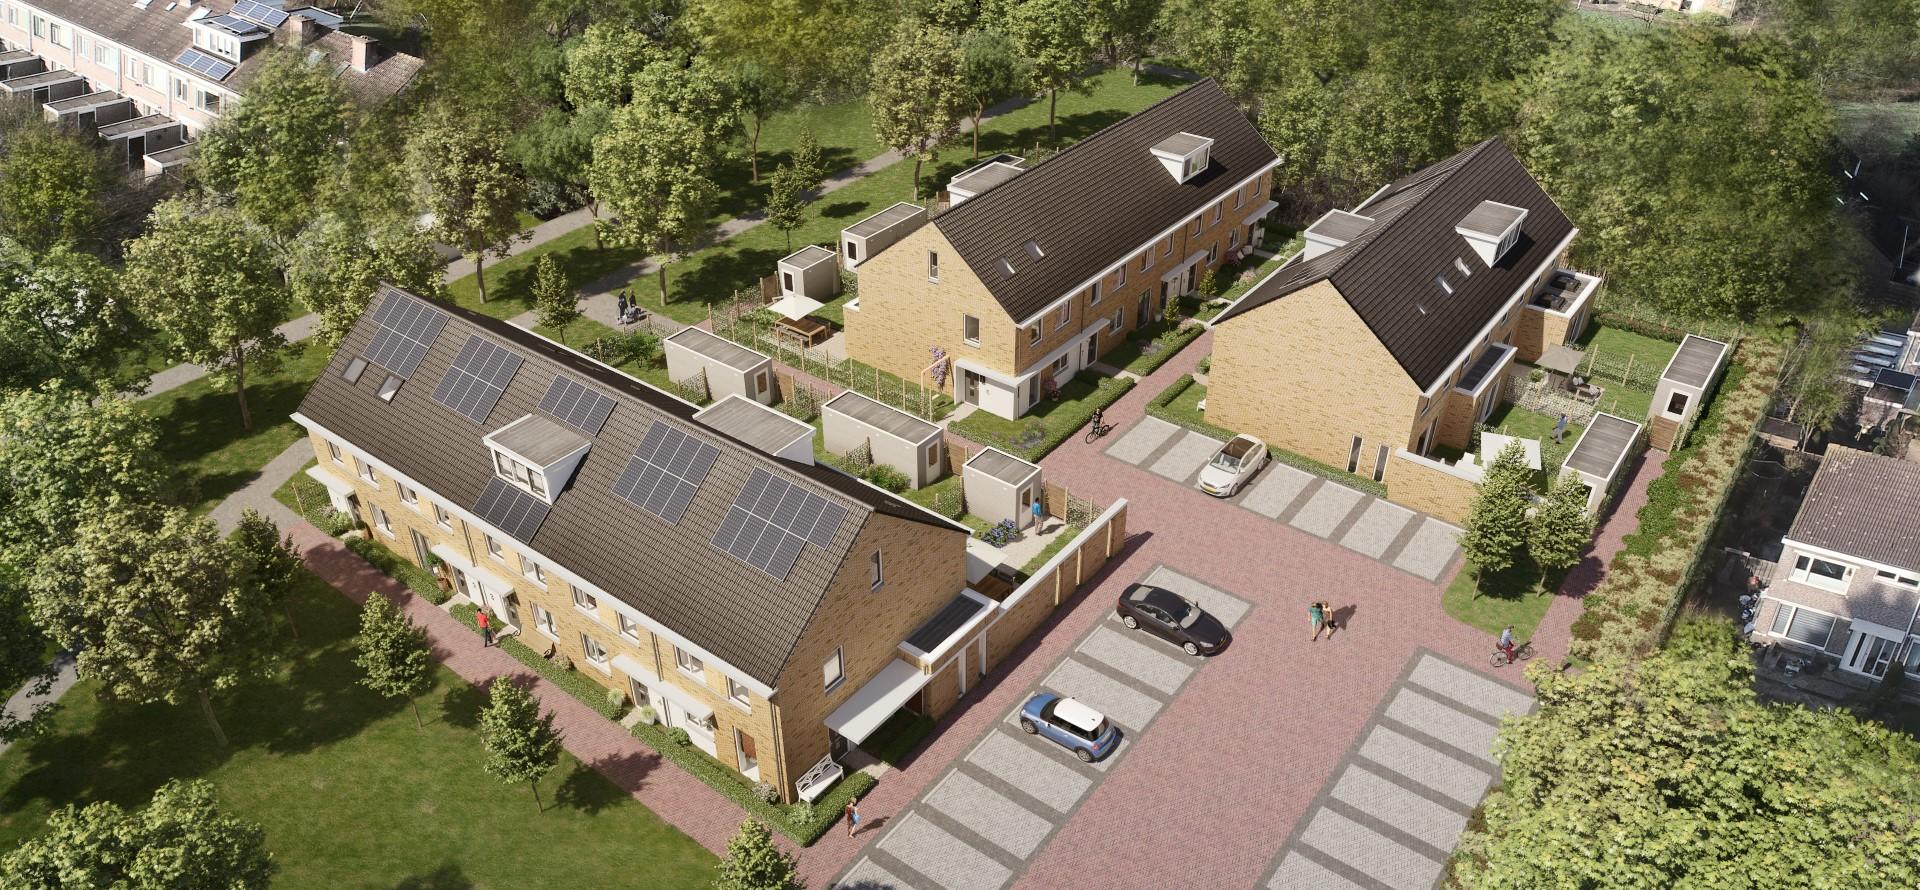 Wonen in de Maere: een intiem woonhof met 14 eengezinswoningen in Heemskerk